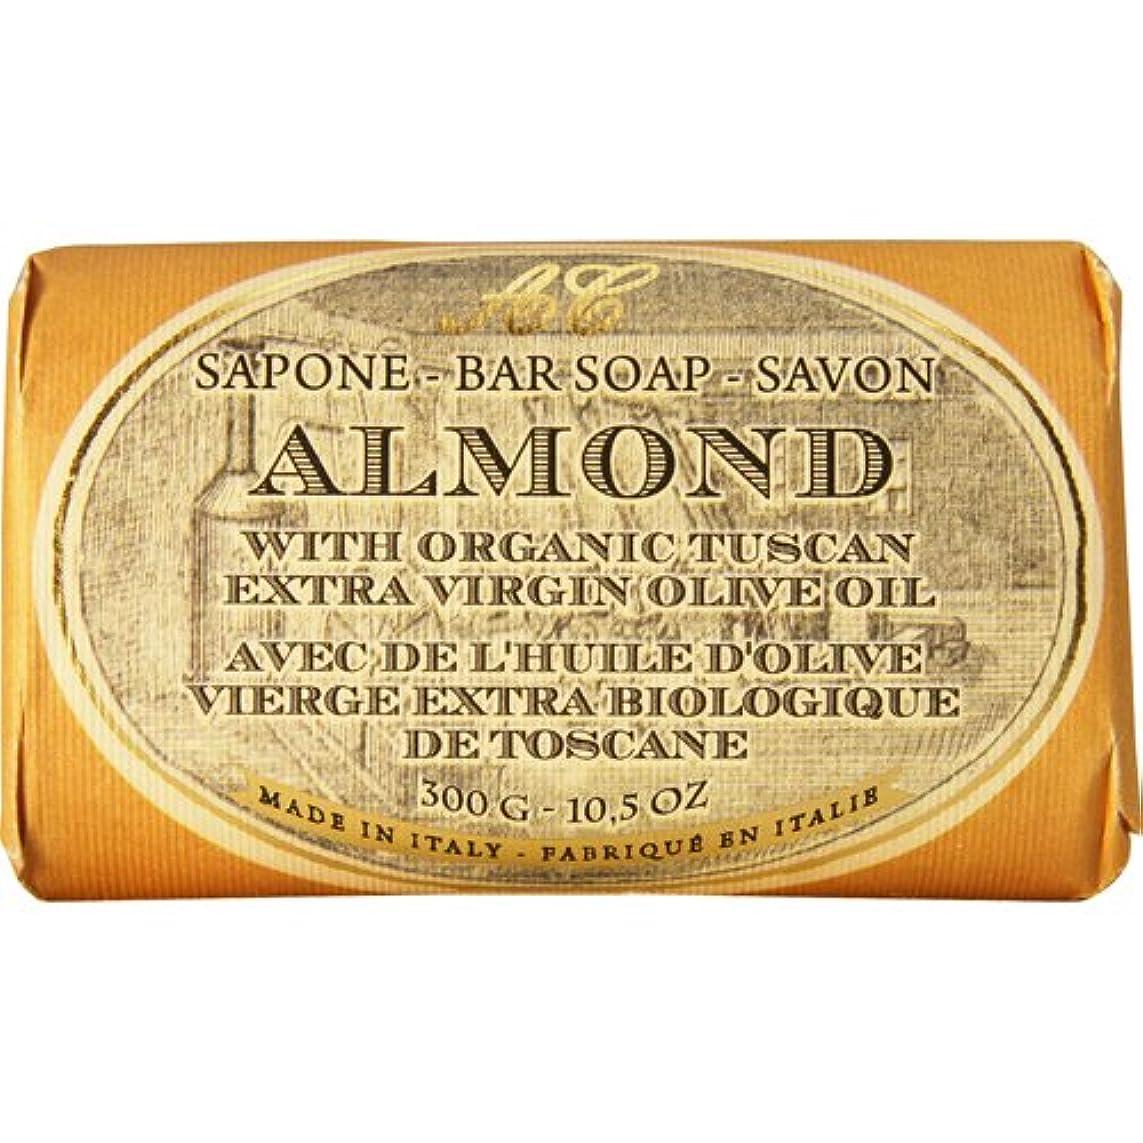 印象的帳面良性Saponerire Fissi レトロシリーズ Bar Soap バーソープ 300g Almond アーモンドオイル